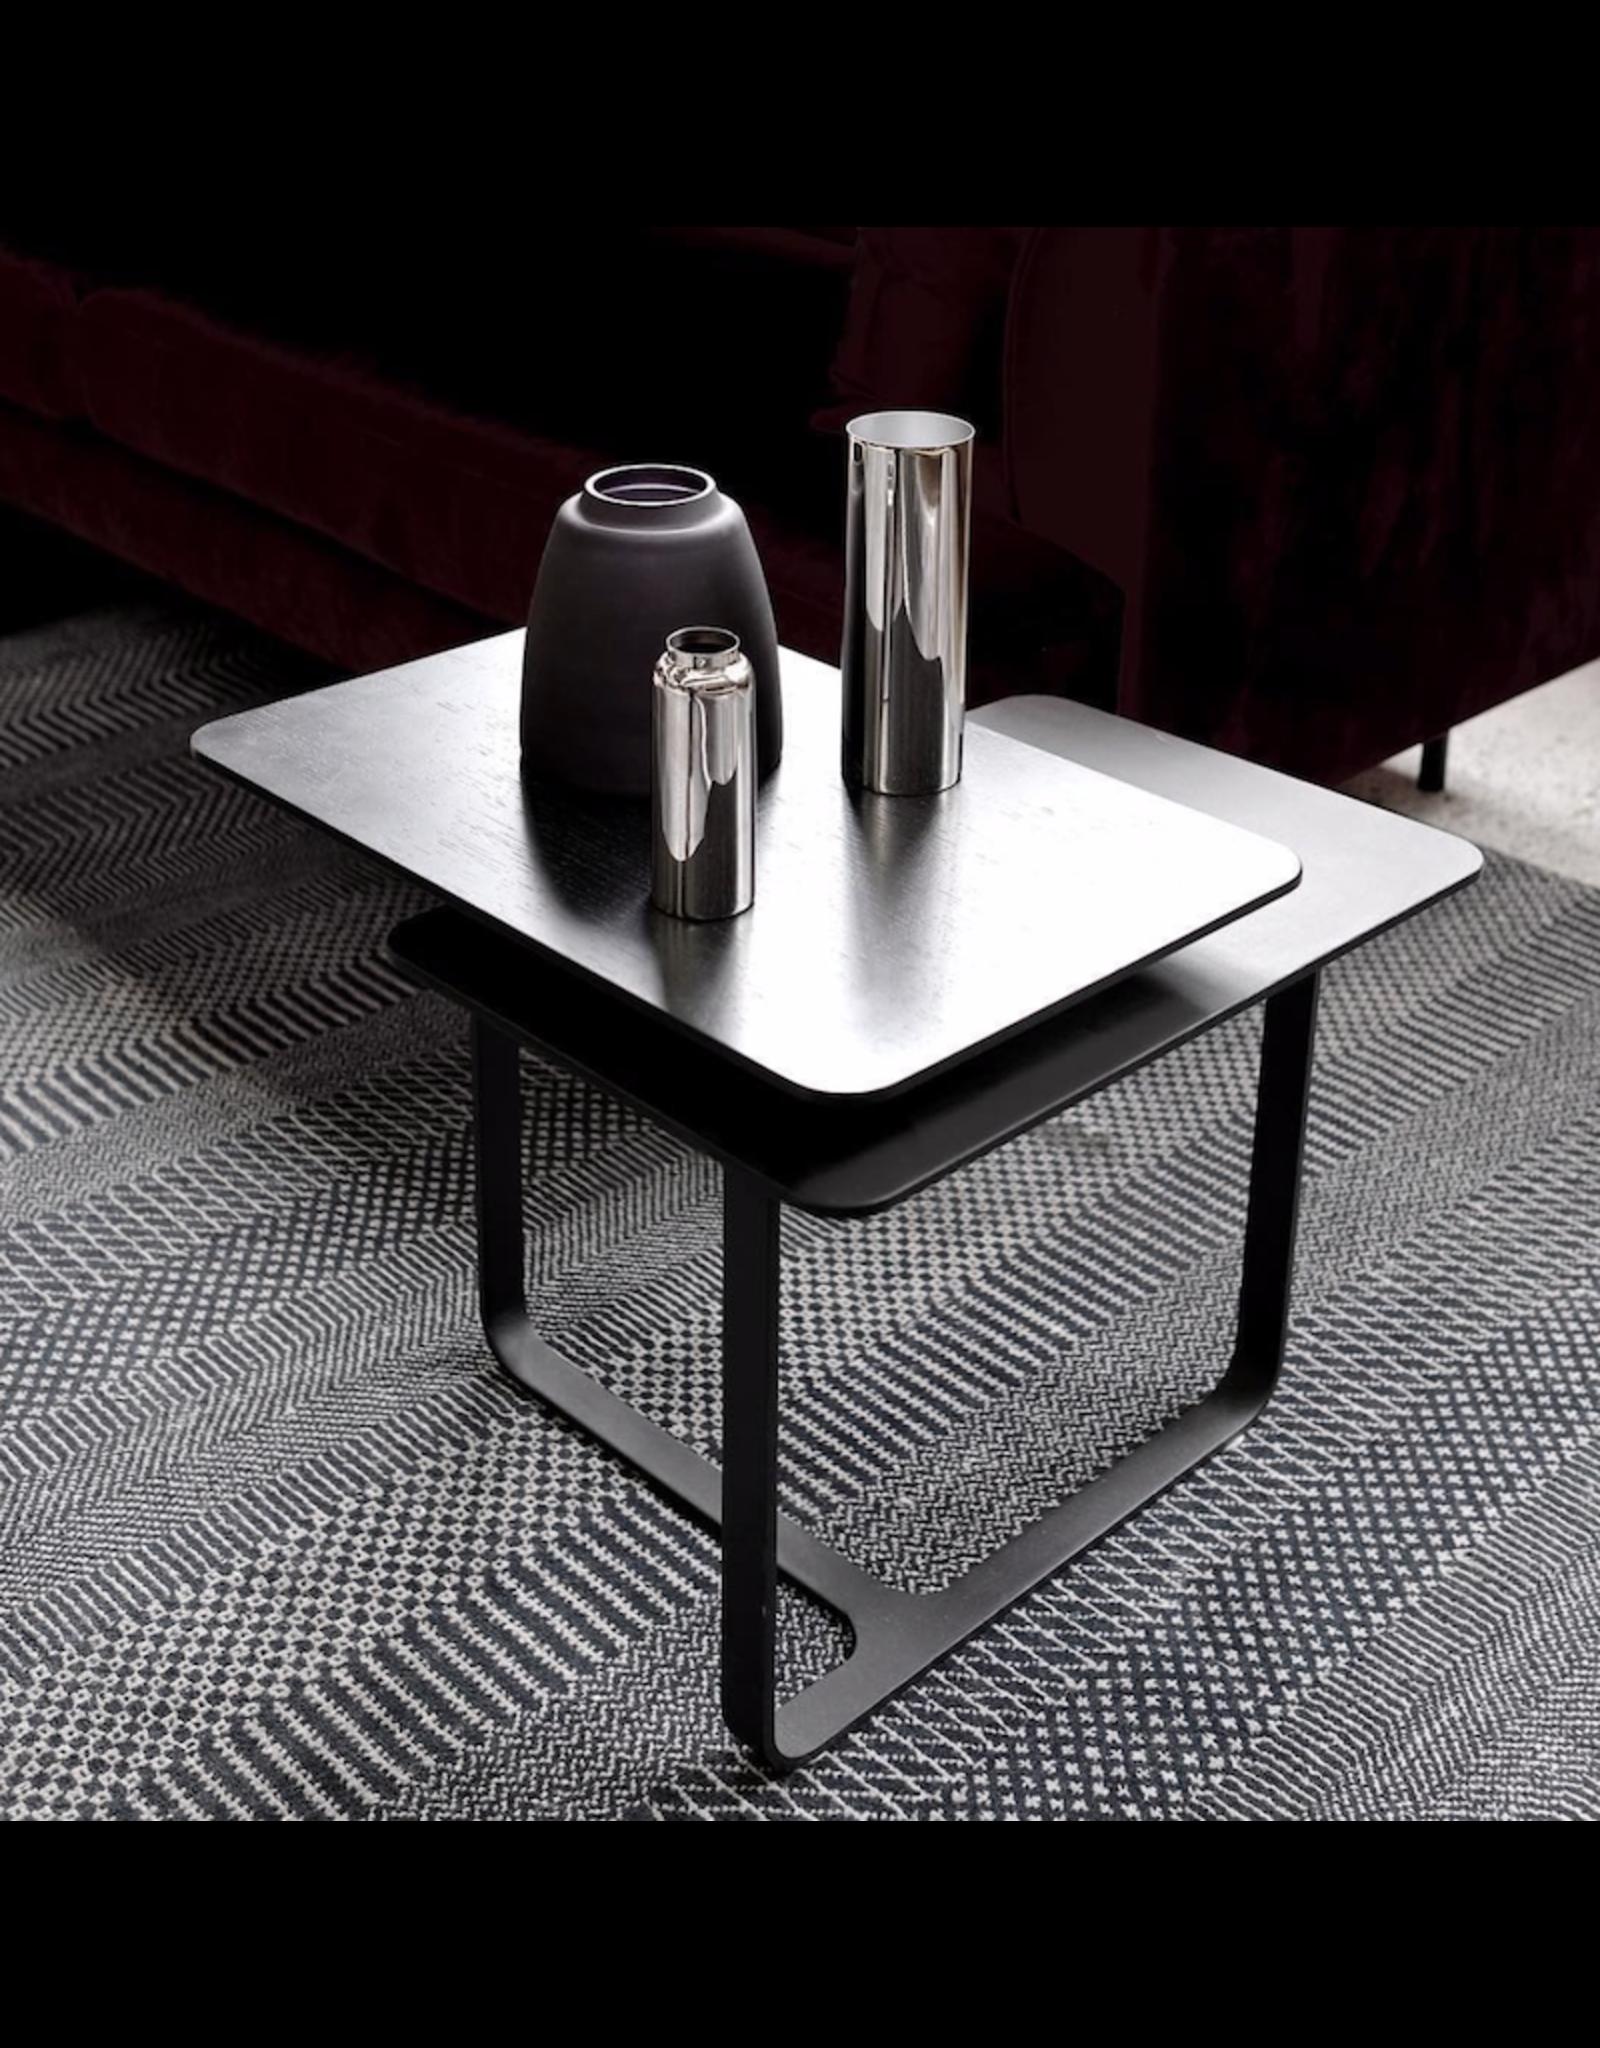 WENDELBO ROOT 咖啡边桌